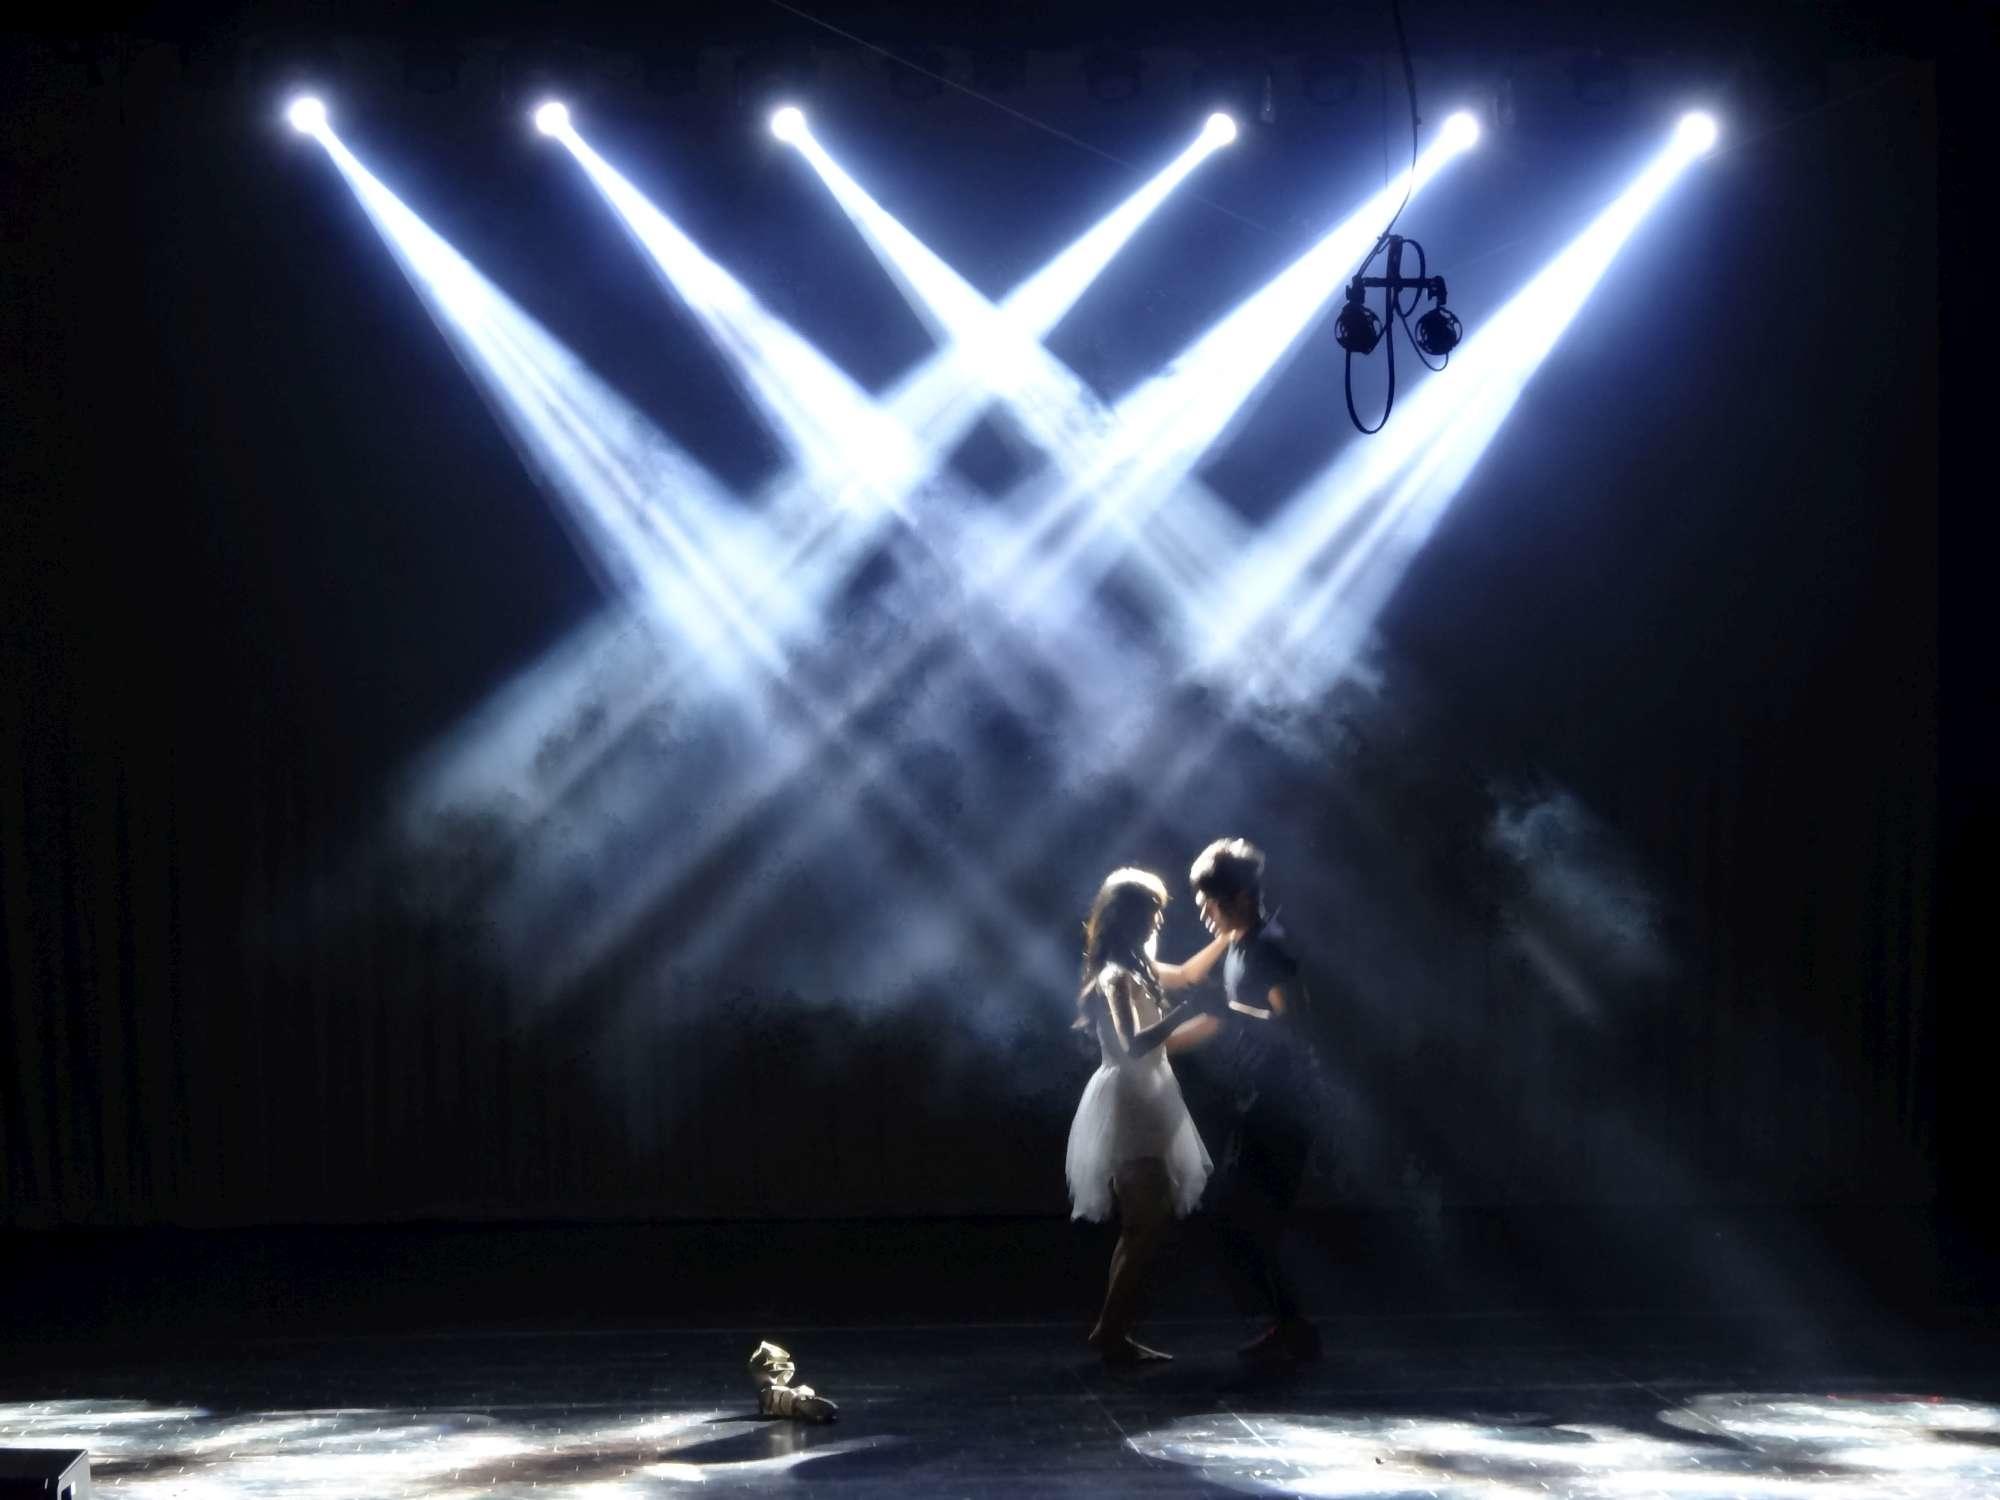 宇音燈光音響活動企劃整合行銷公司